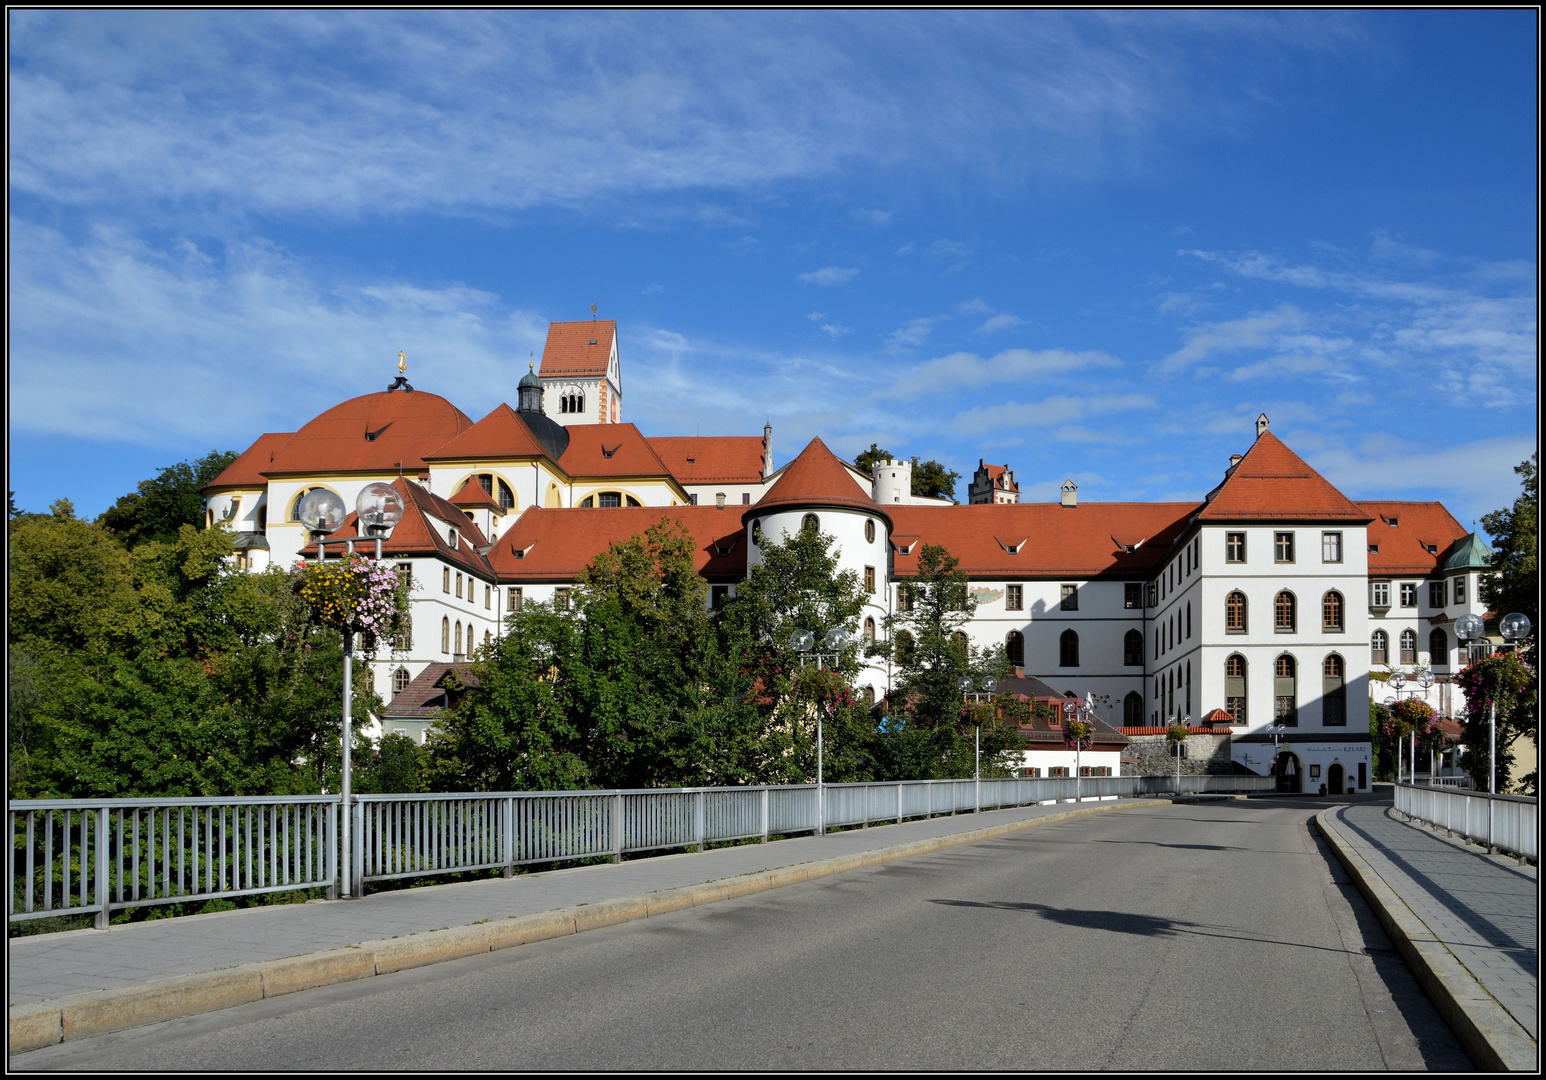 Kloster St. Mang - Füssen